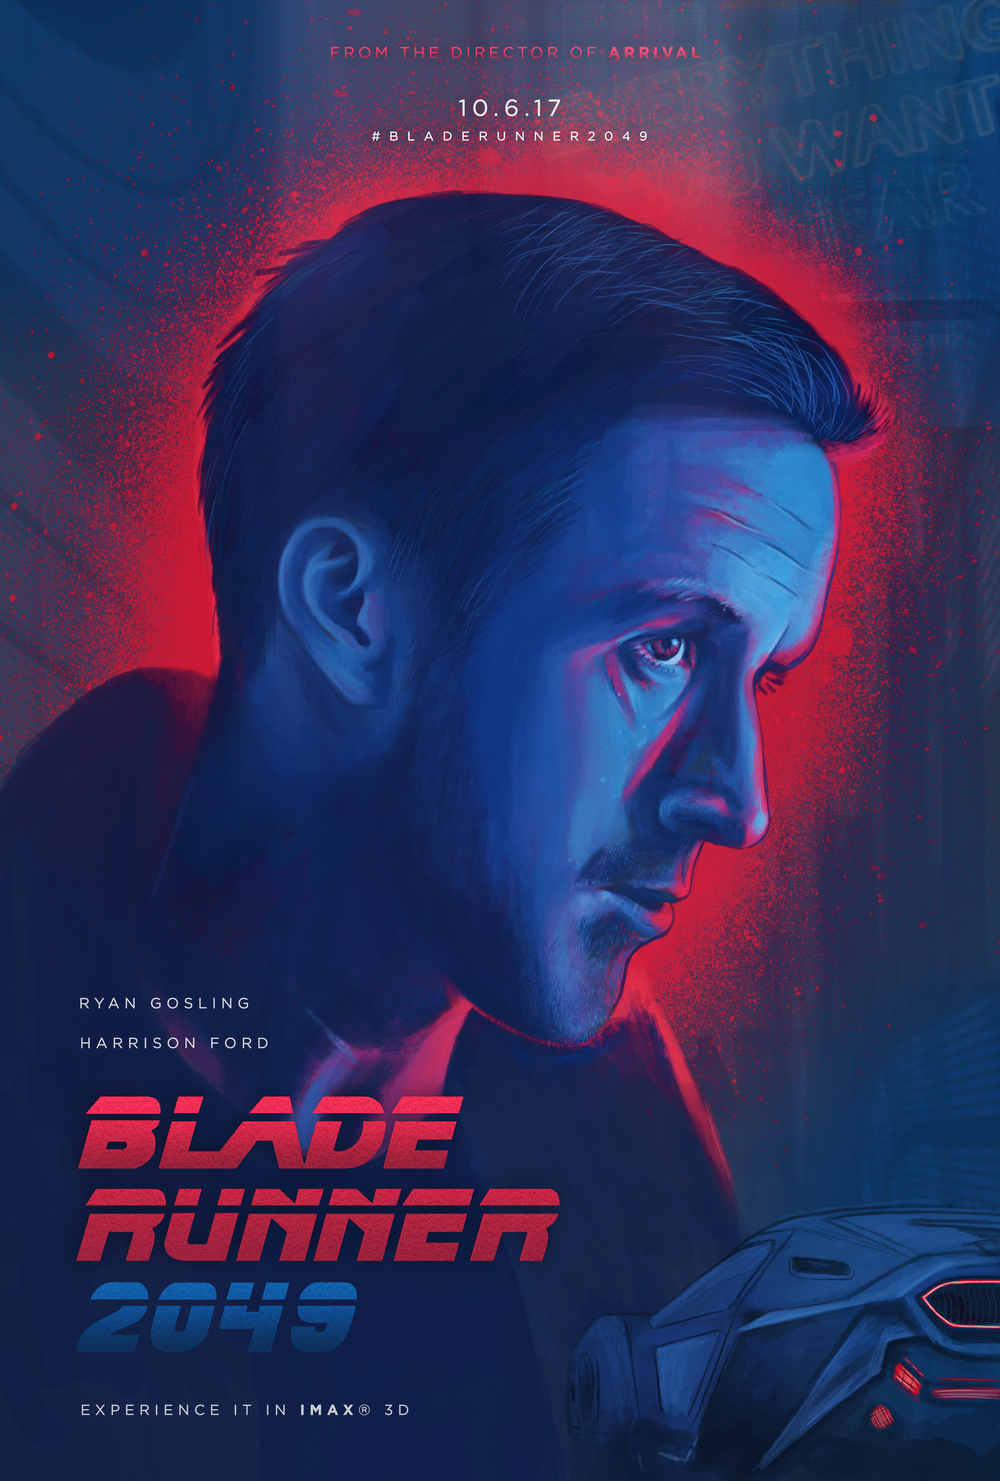 Blade Runner 2049 alternate poster